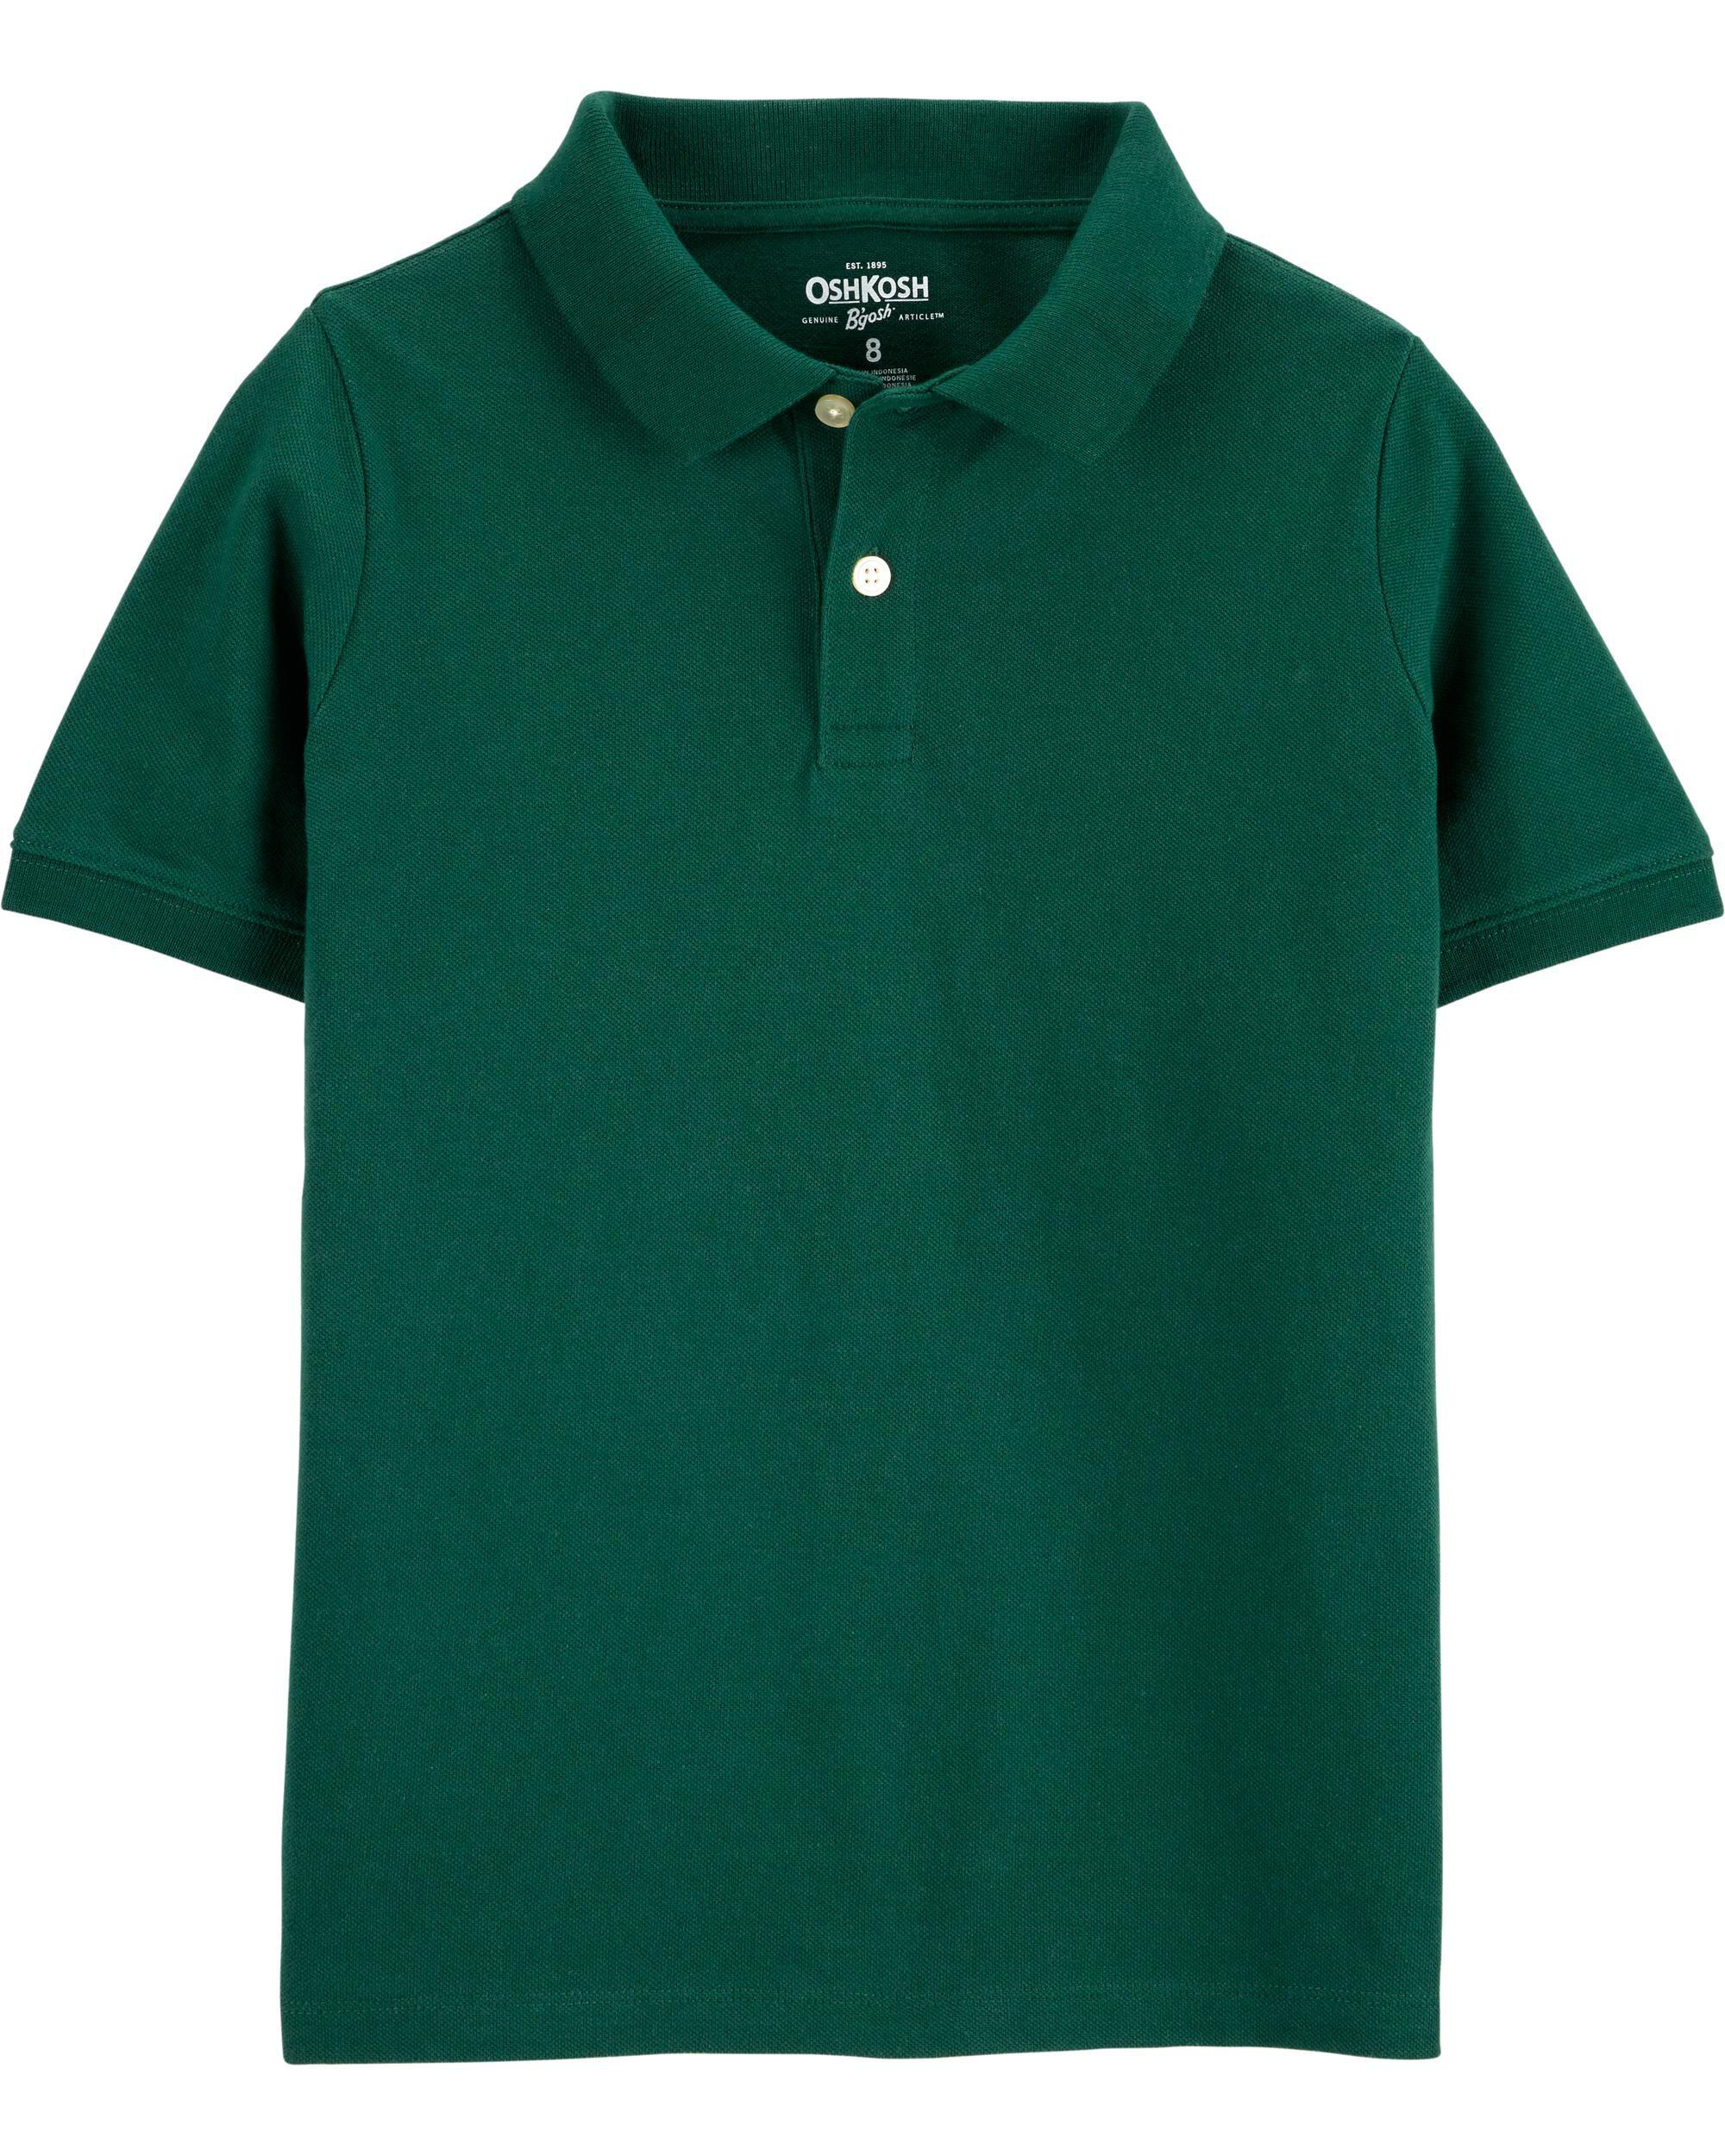 *DOORBUSTER*Uniform Pique Polo